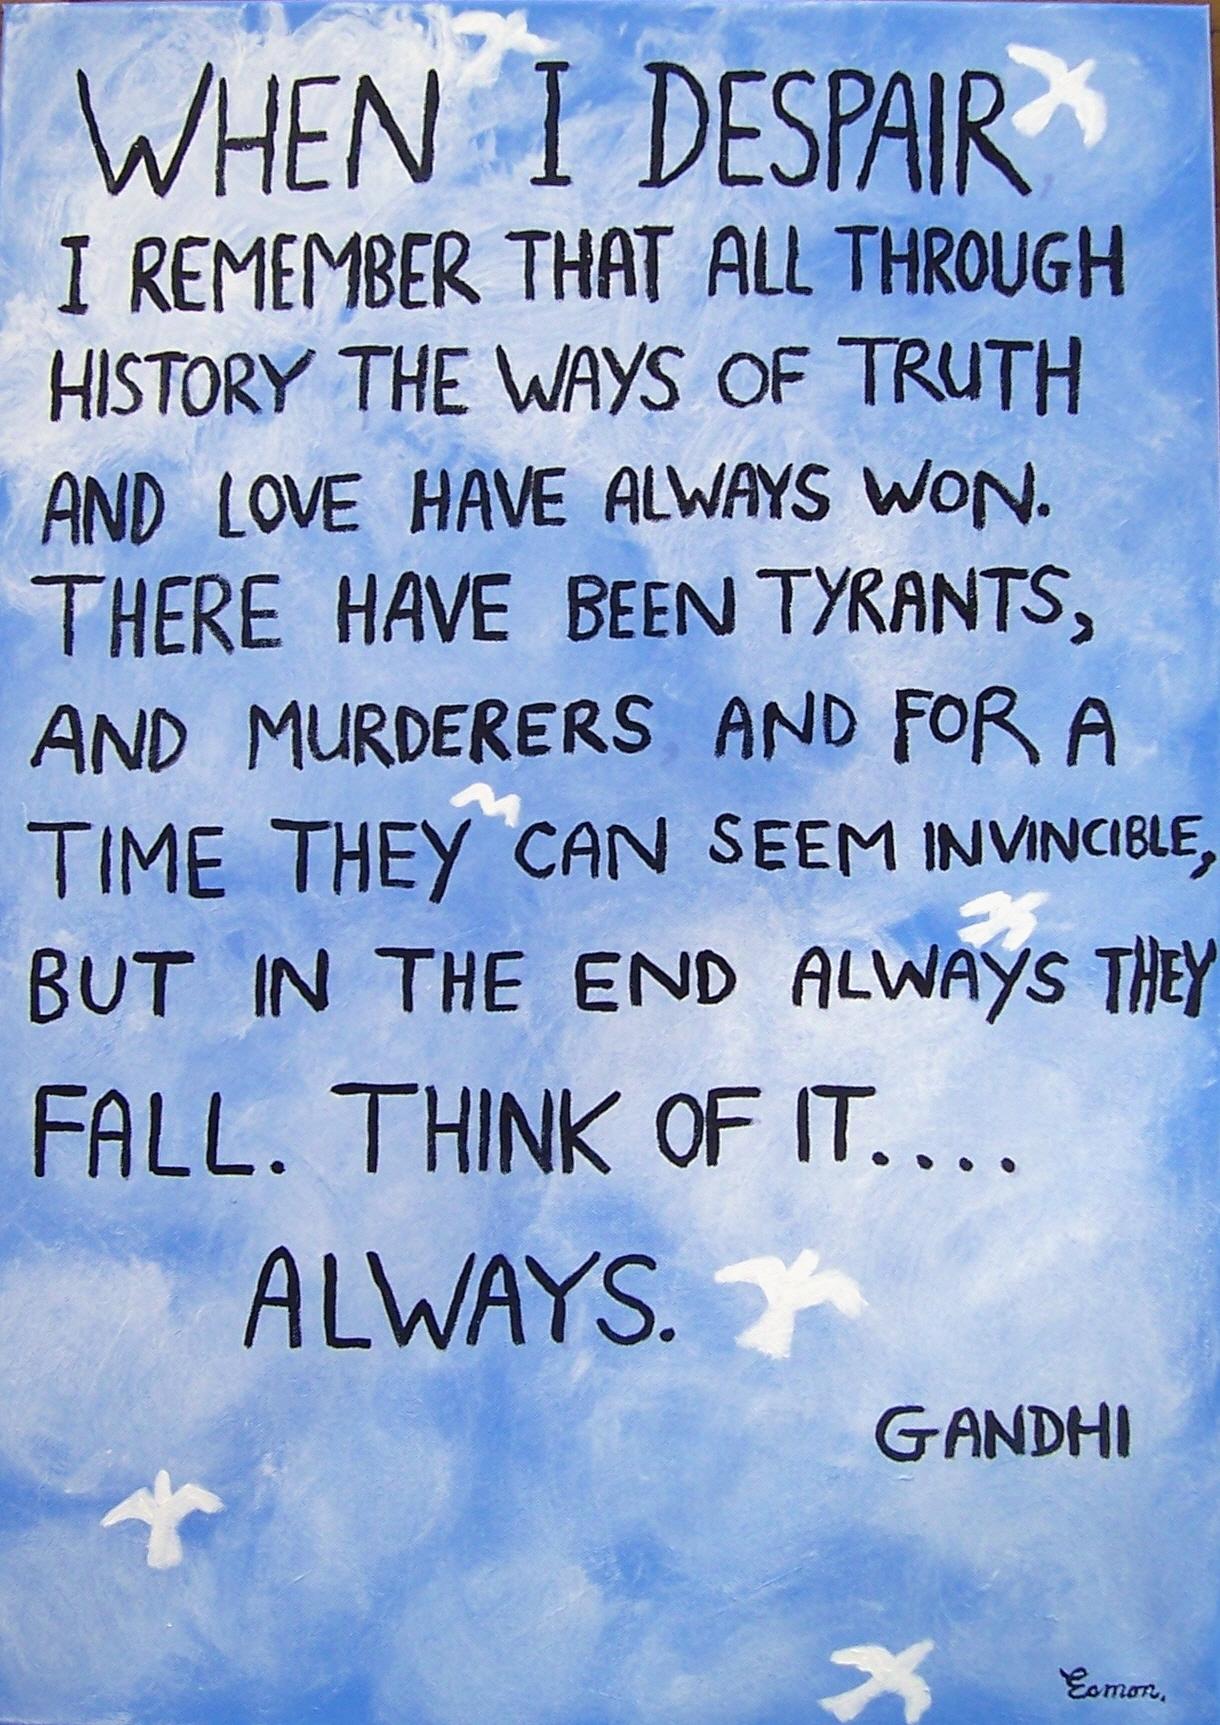 Spread Gandhi's Words Of Wisdom over the world by wwwEAMONREILLYdotCOM